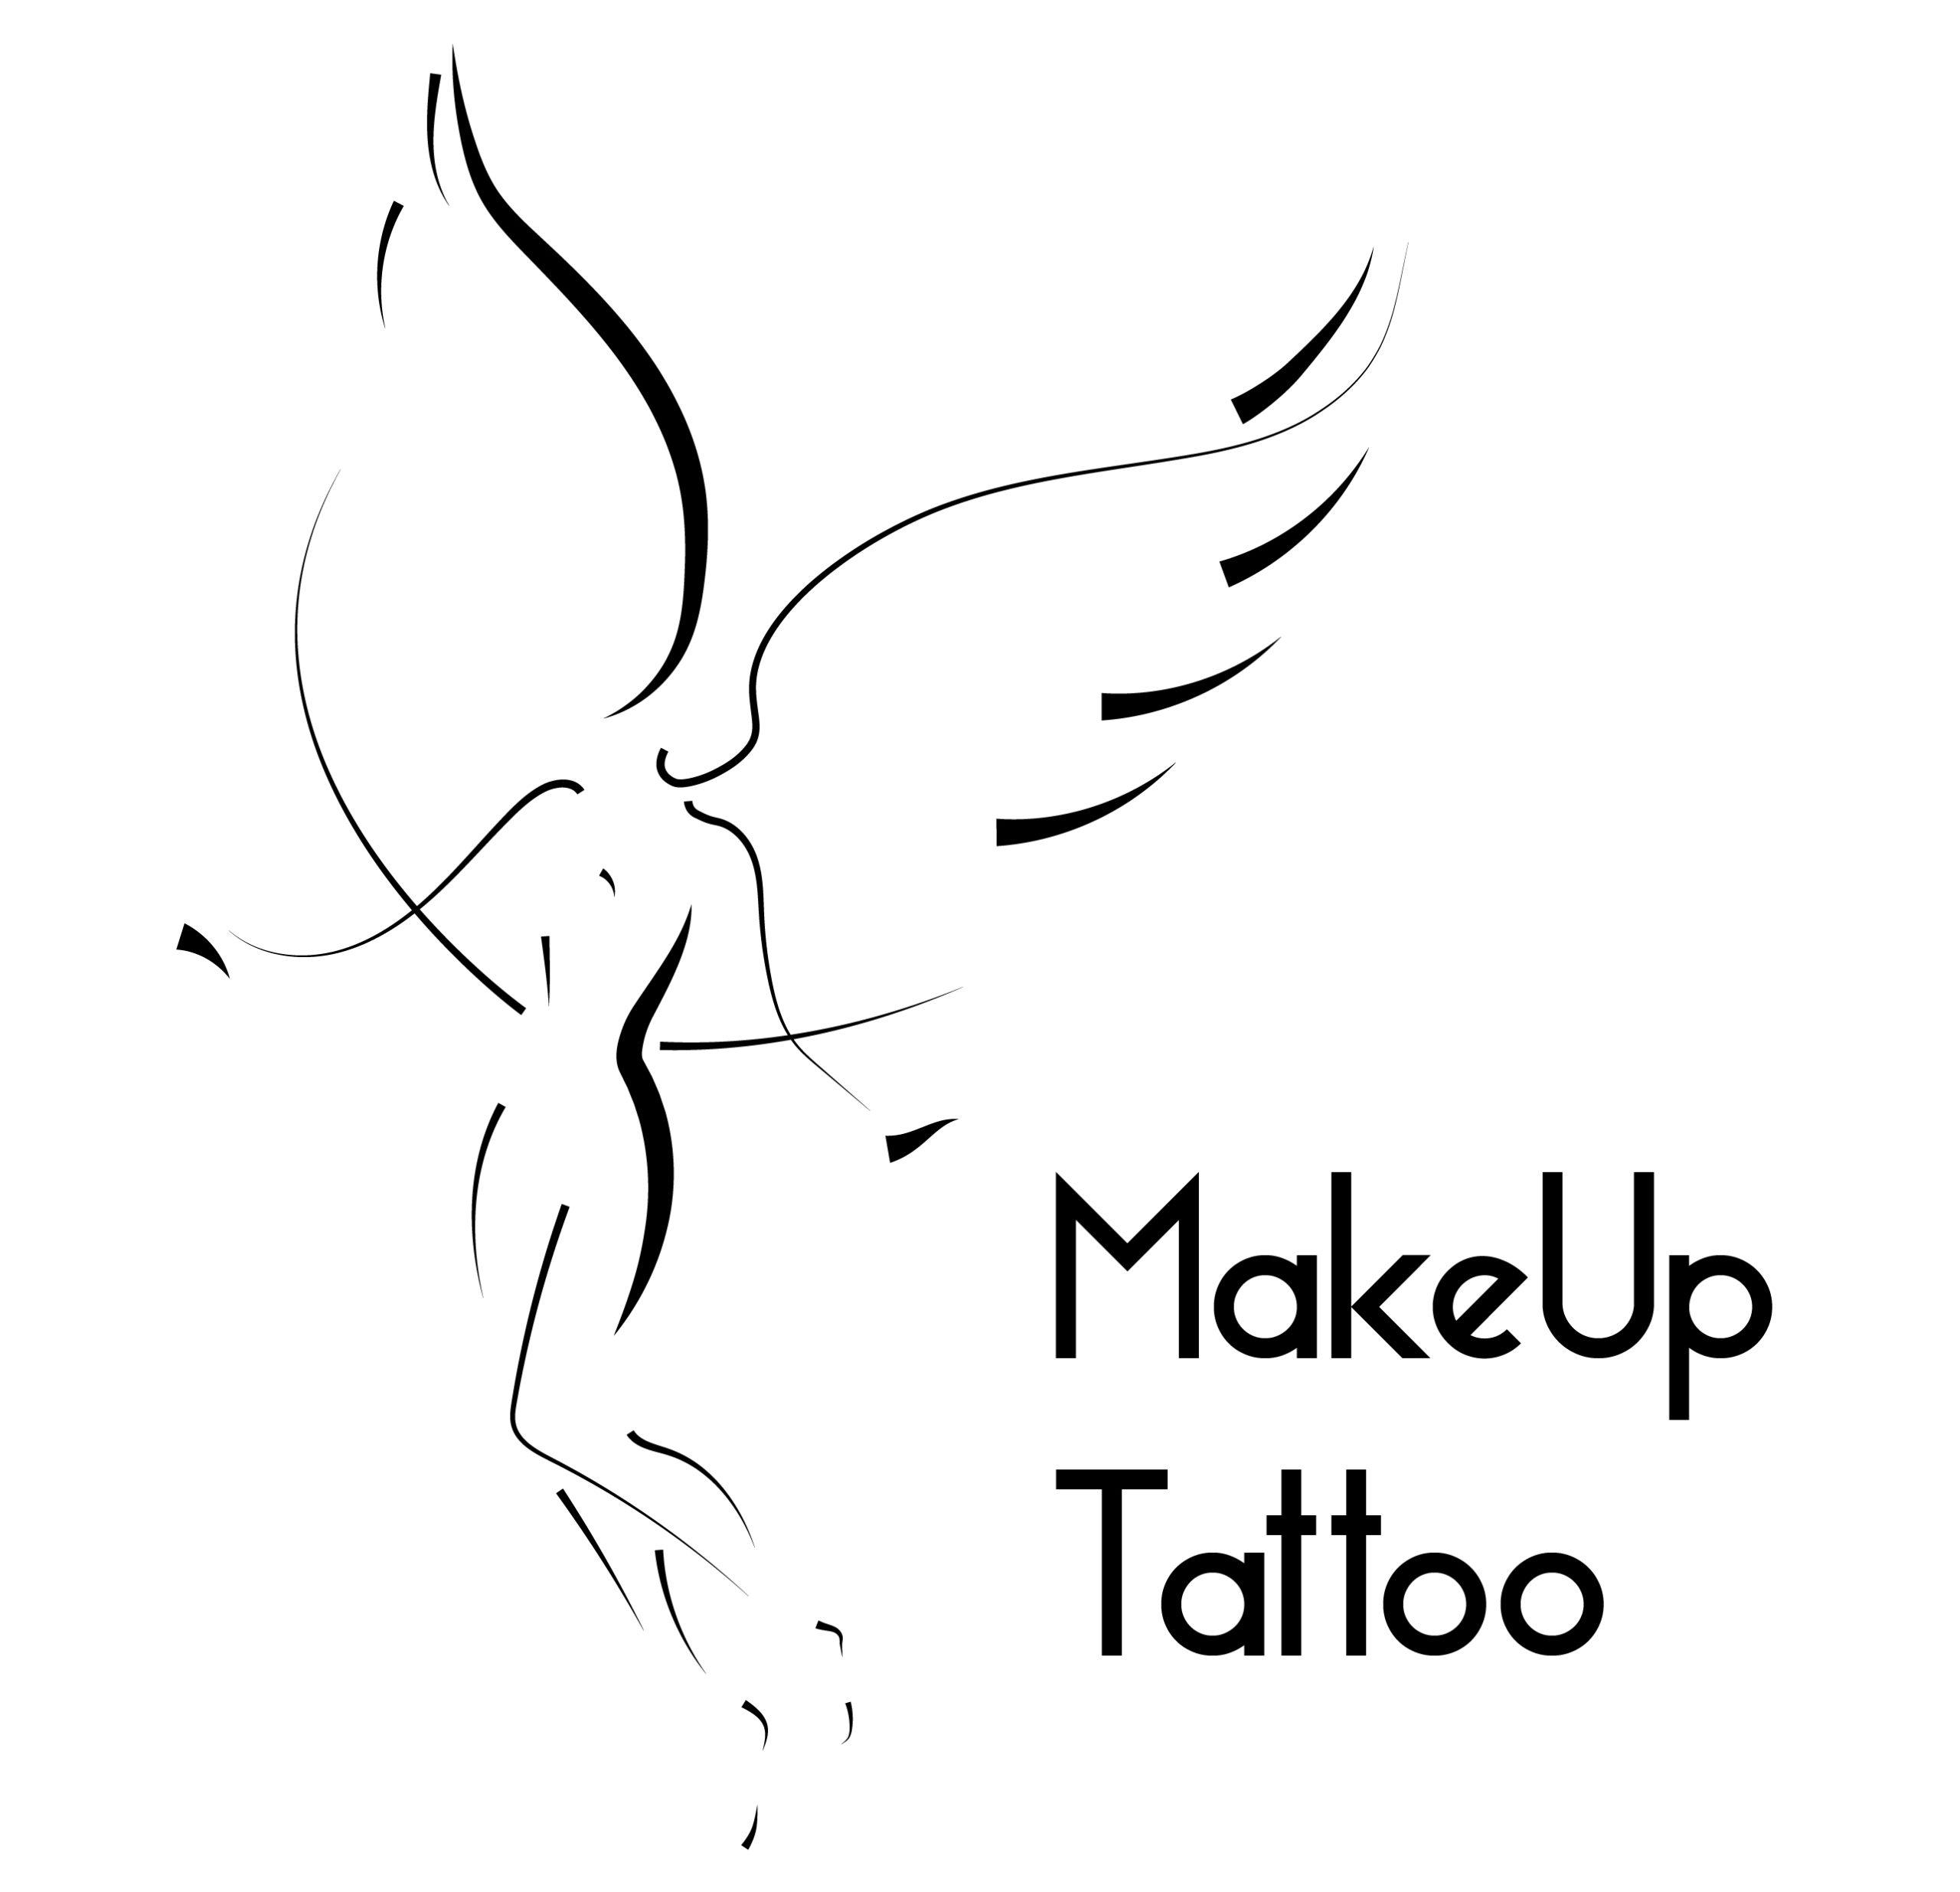 Cette image représente le logo de MakeUp Tattoo Karine Guy